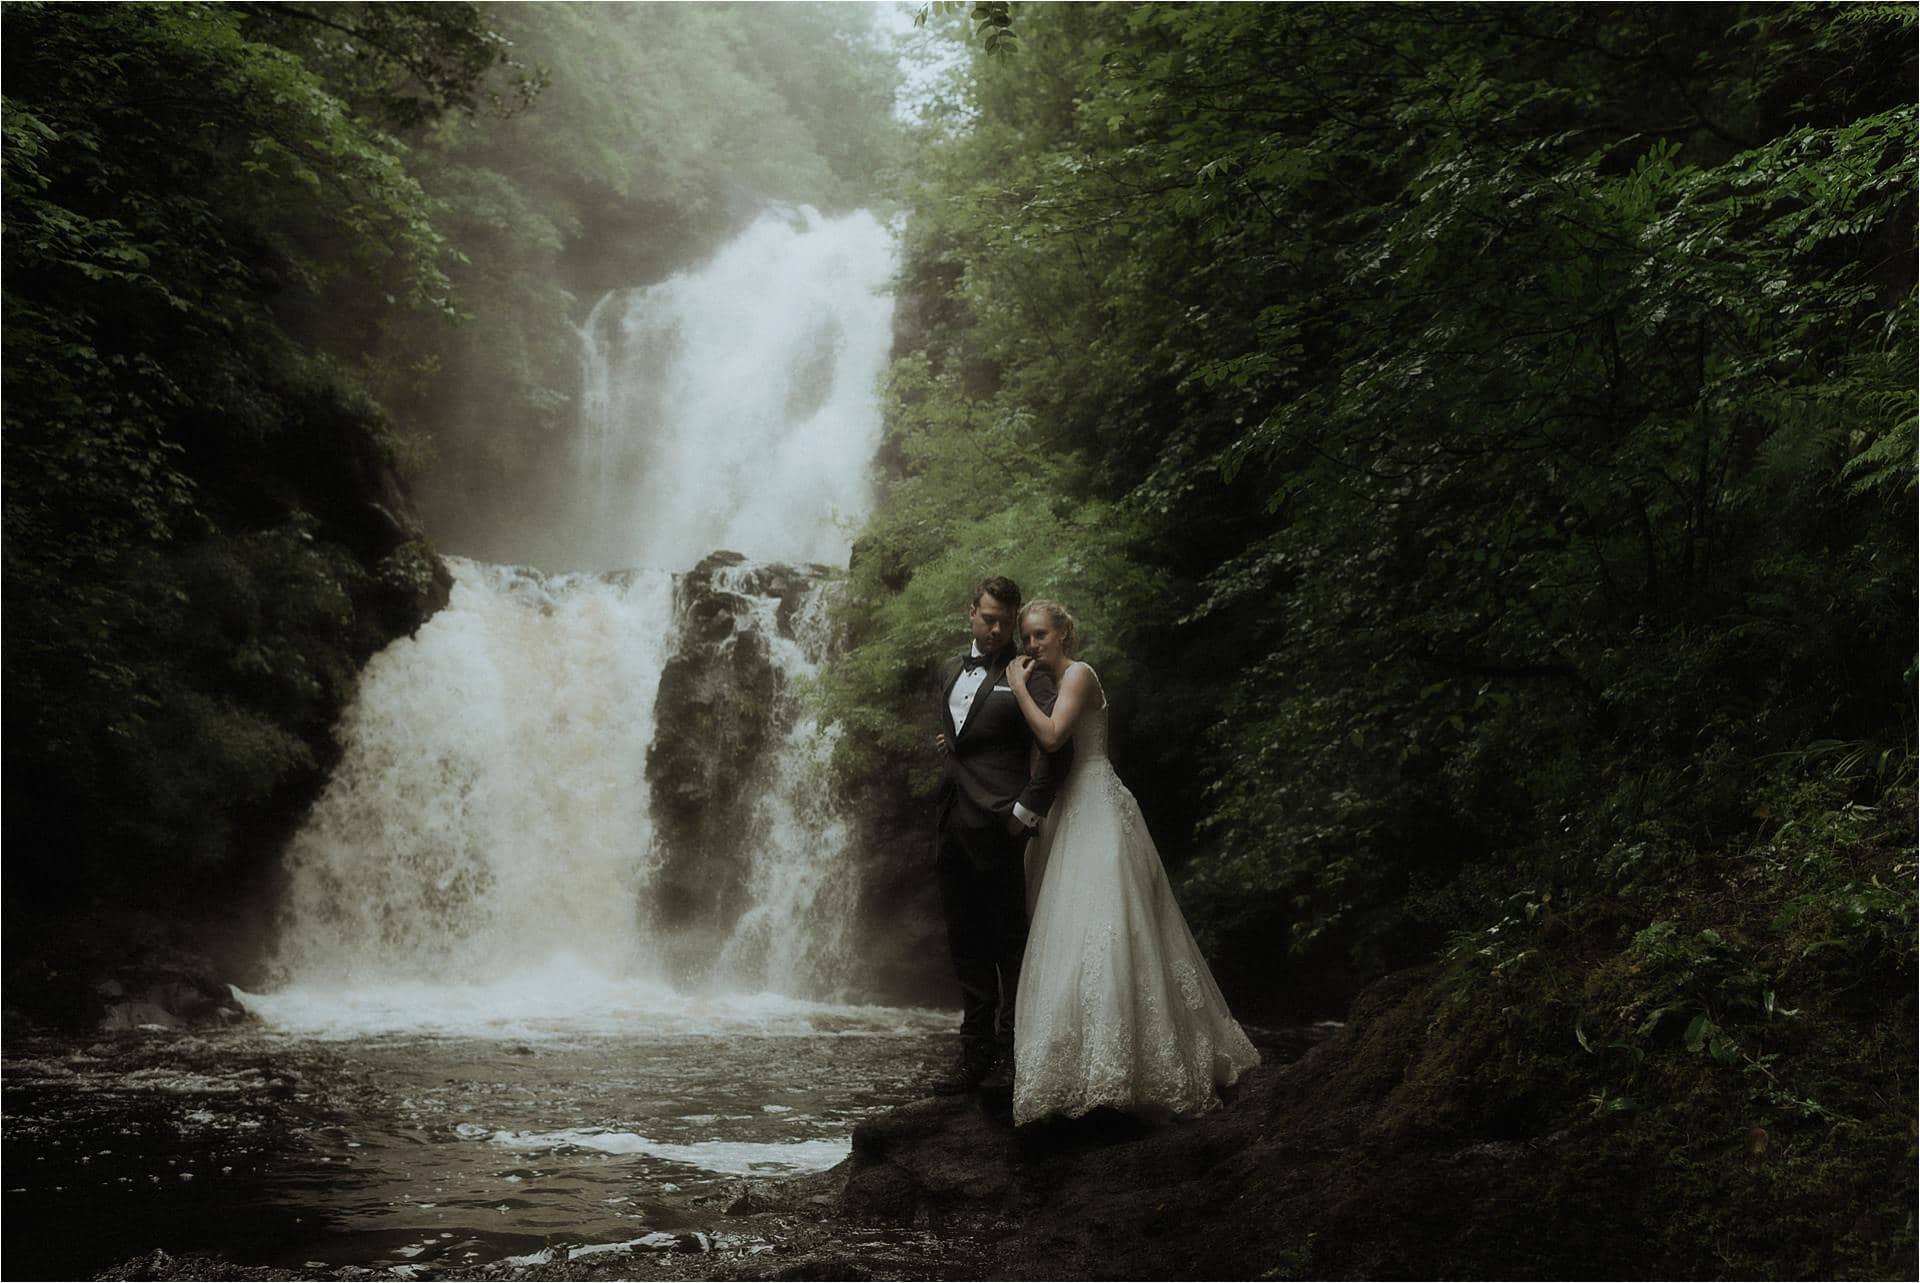 isle of skye elopement at rha falls